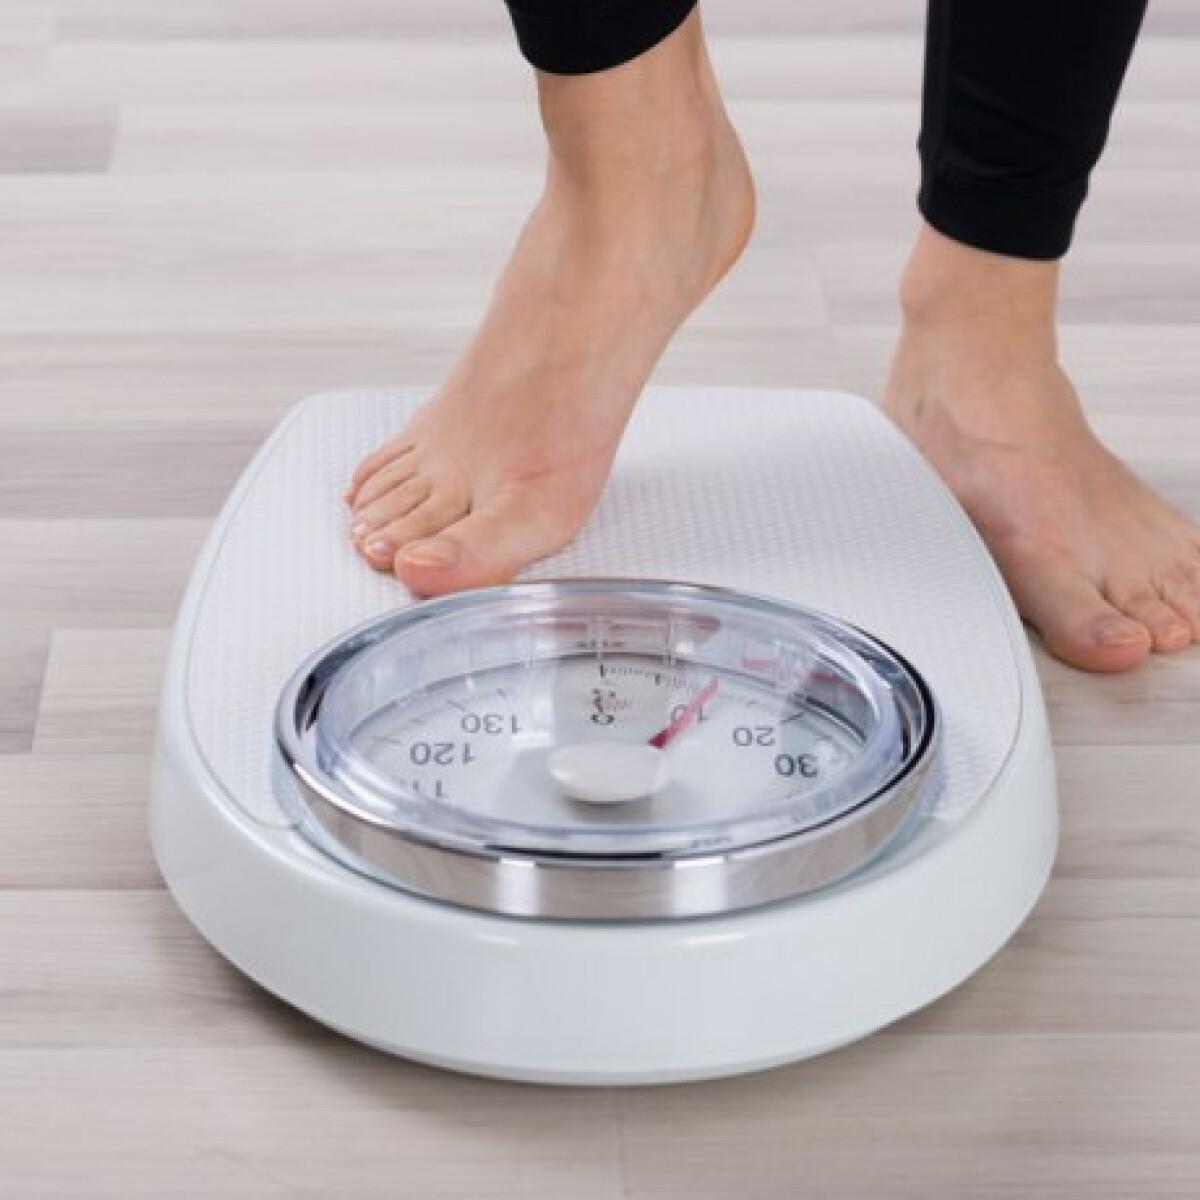 miért fordul elő a fogyás a tb-ben súlycsökkenés mérleg